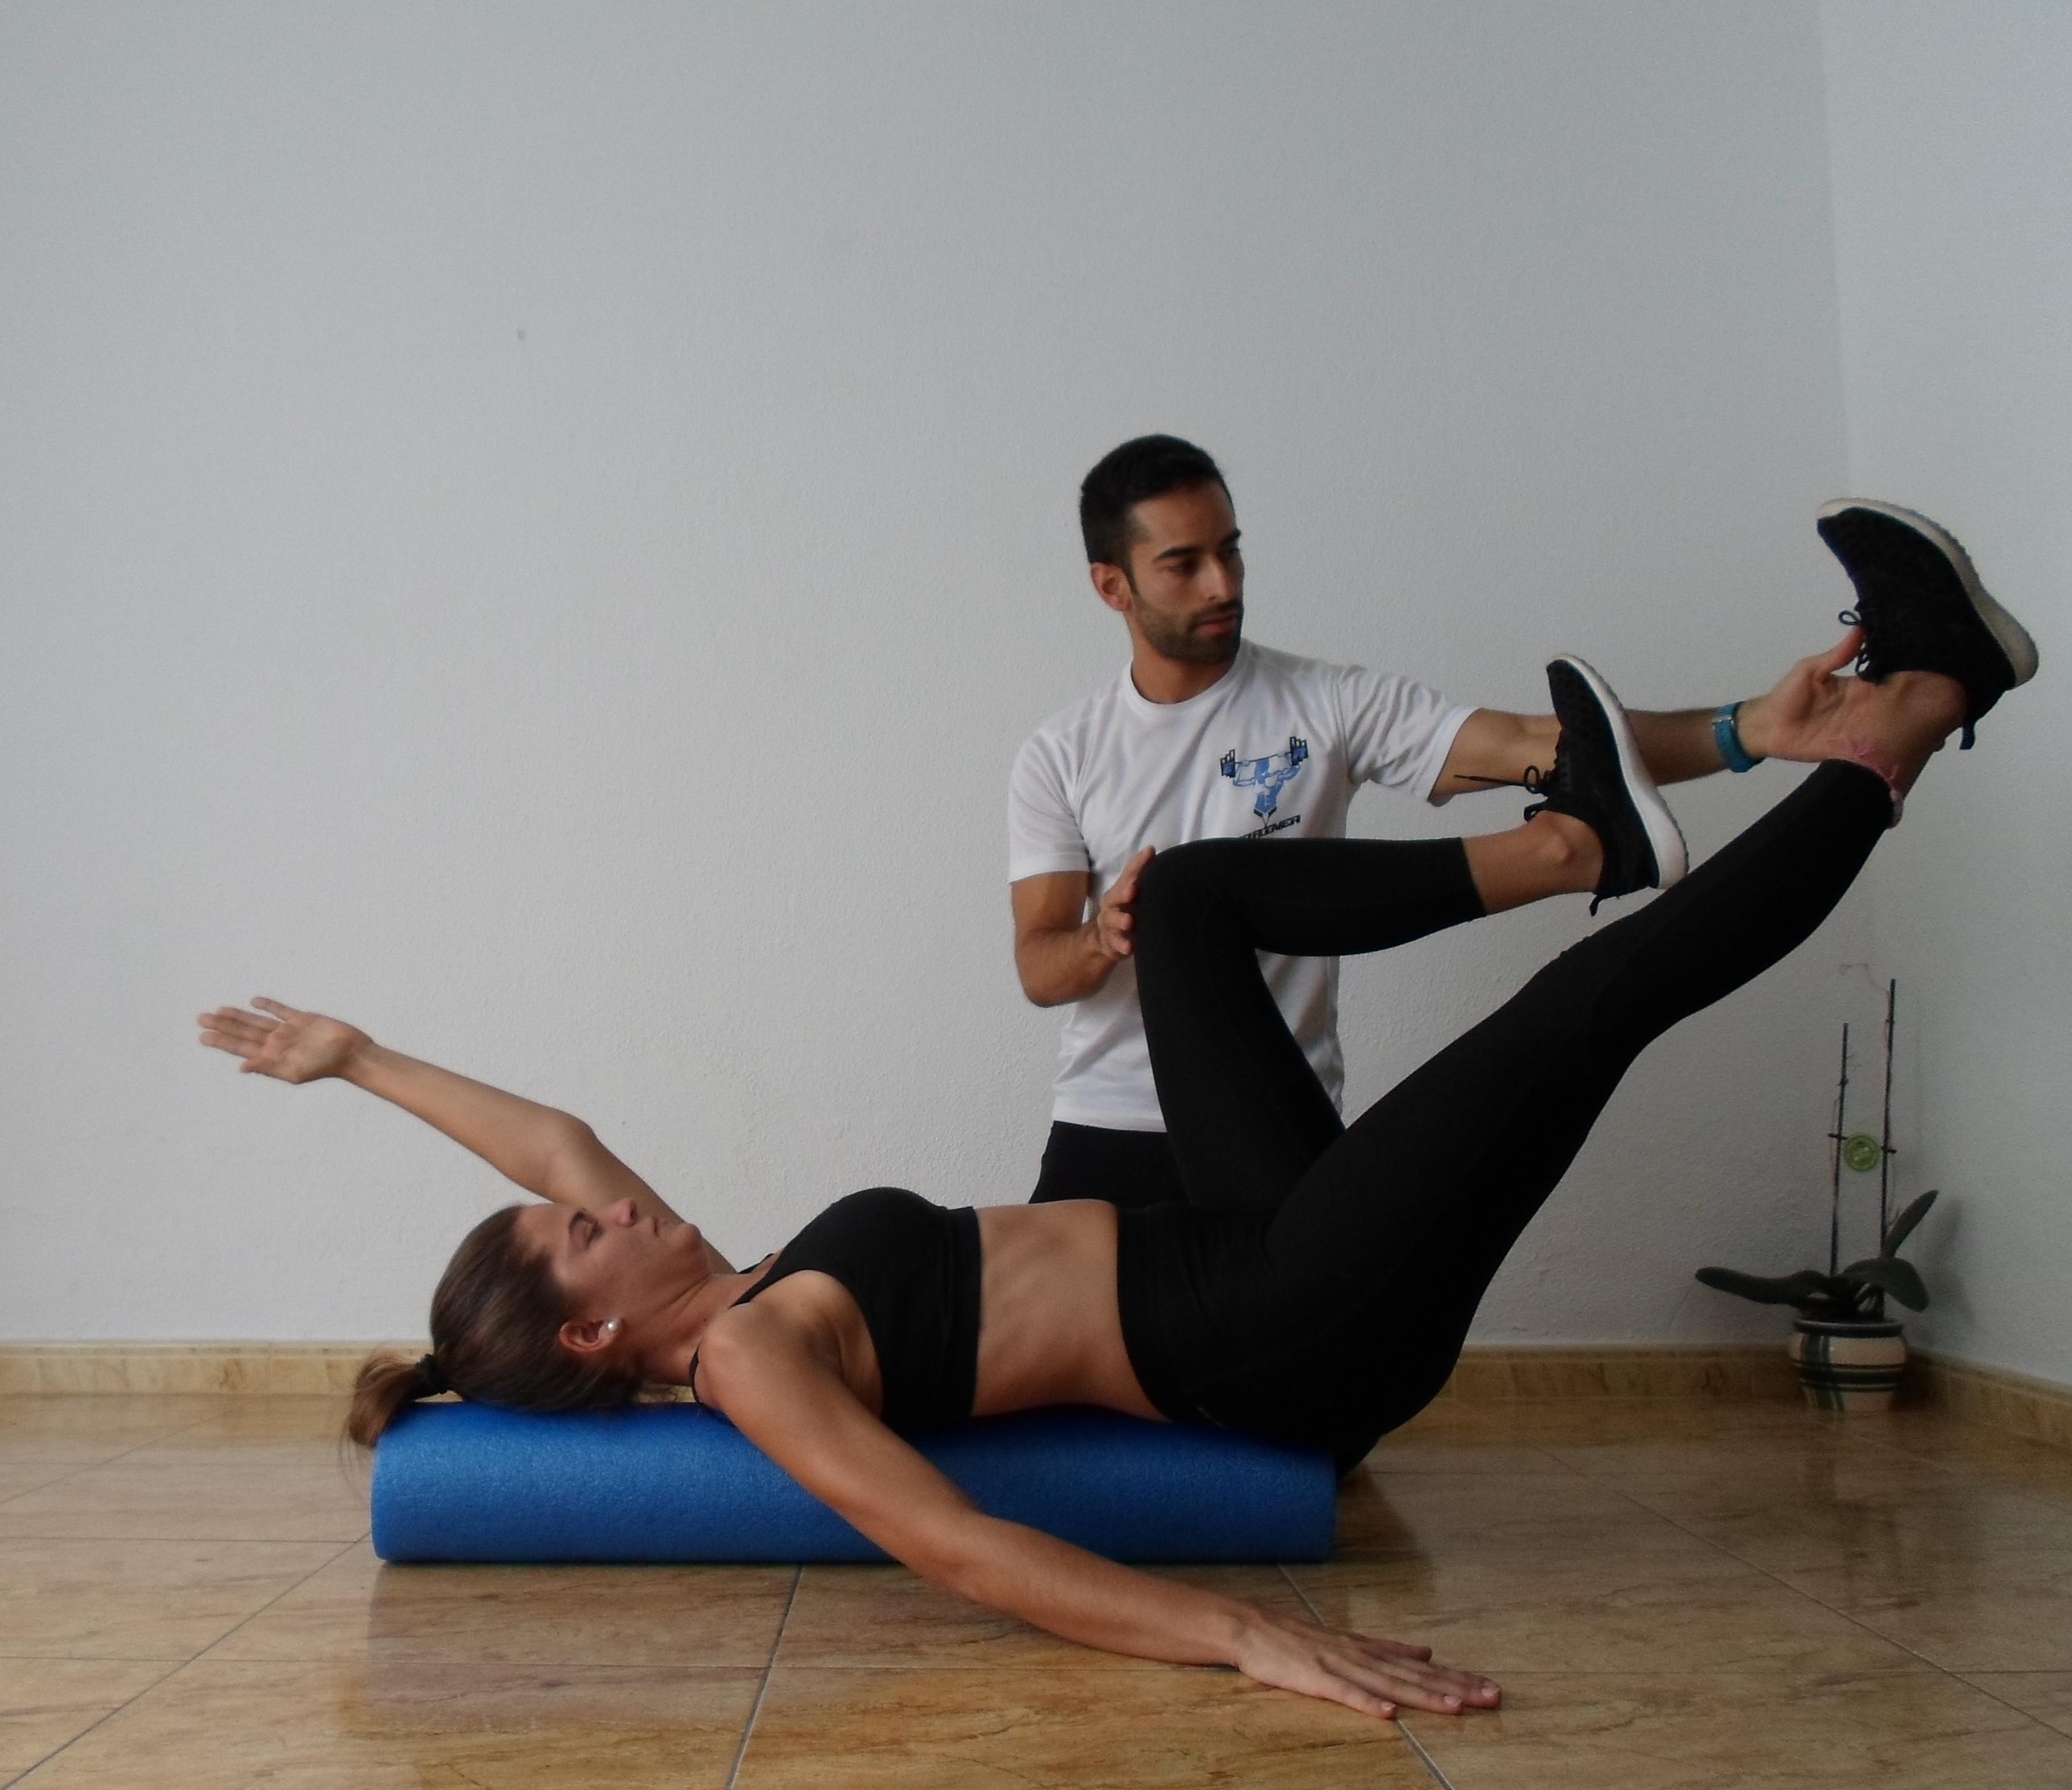 entrenamiento-personal-ertrainer